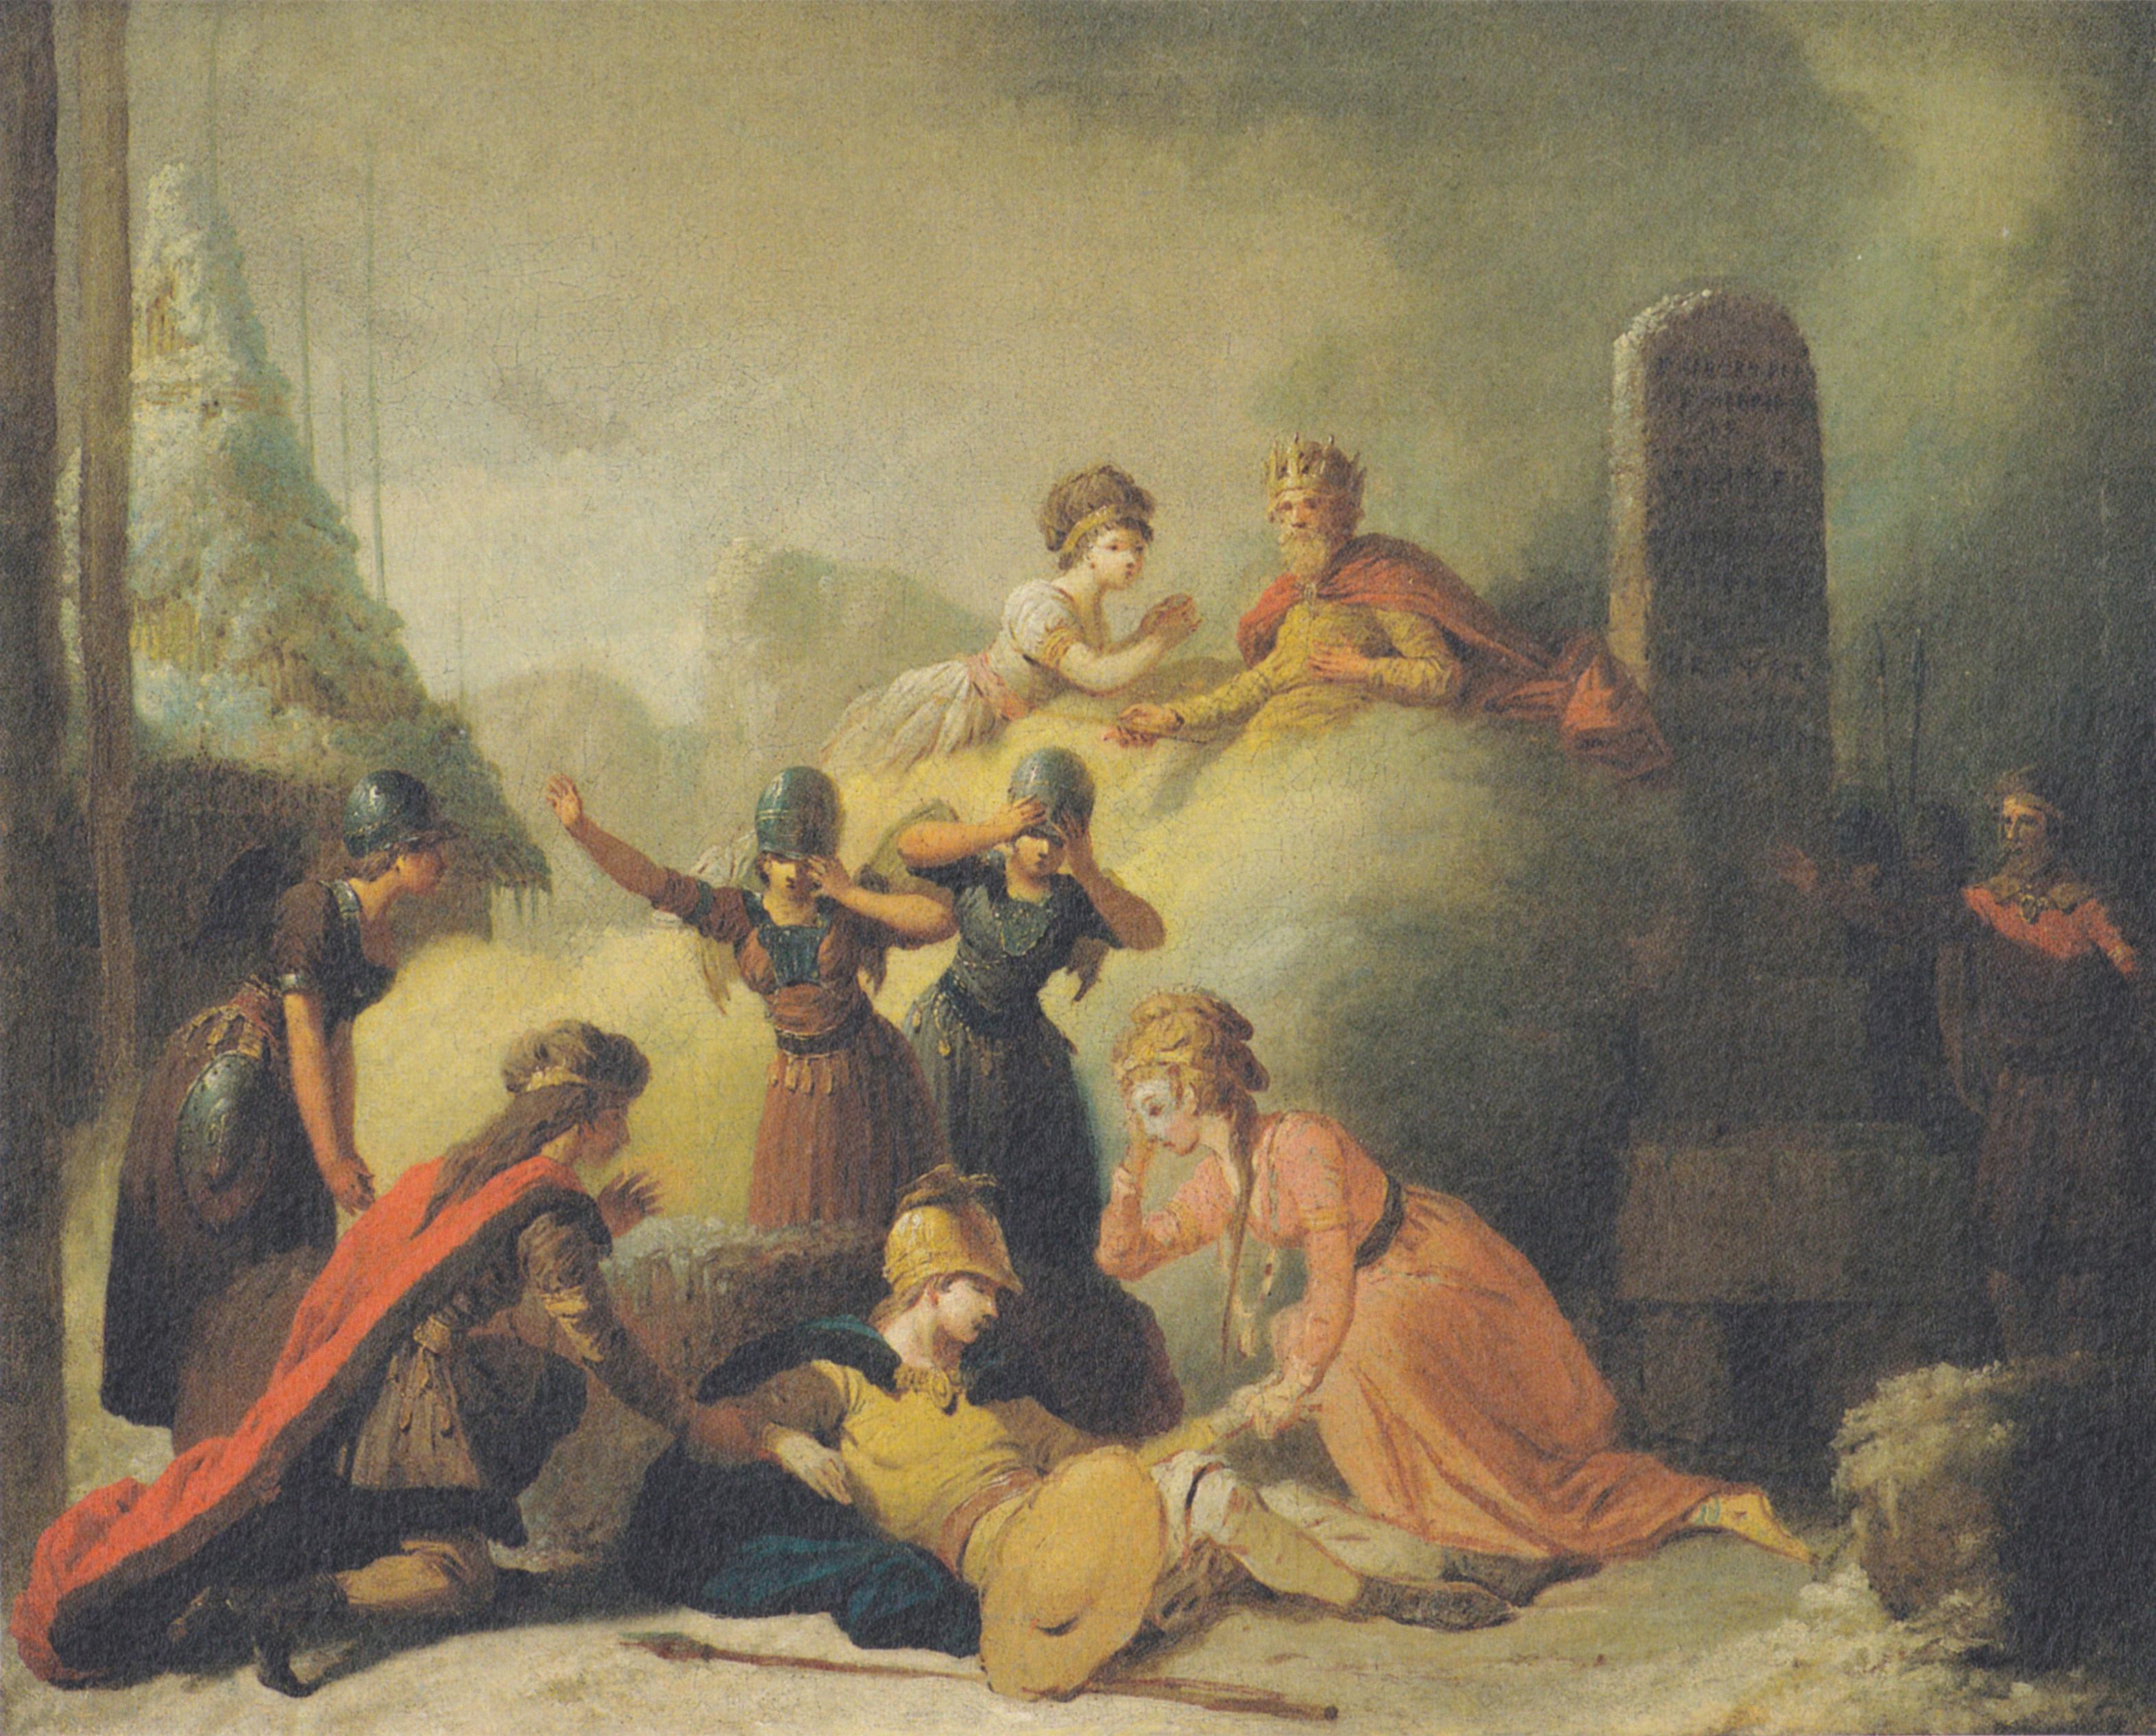 File:Peter Cramer - Balders Død - 1779.jpg